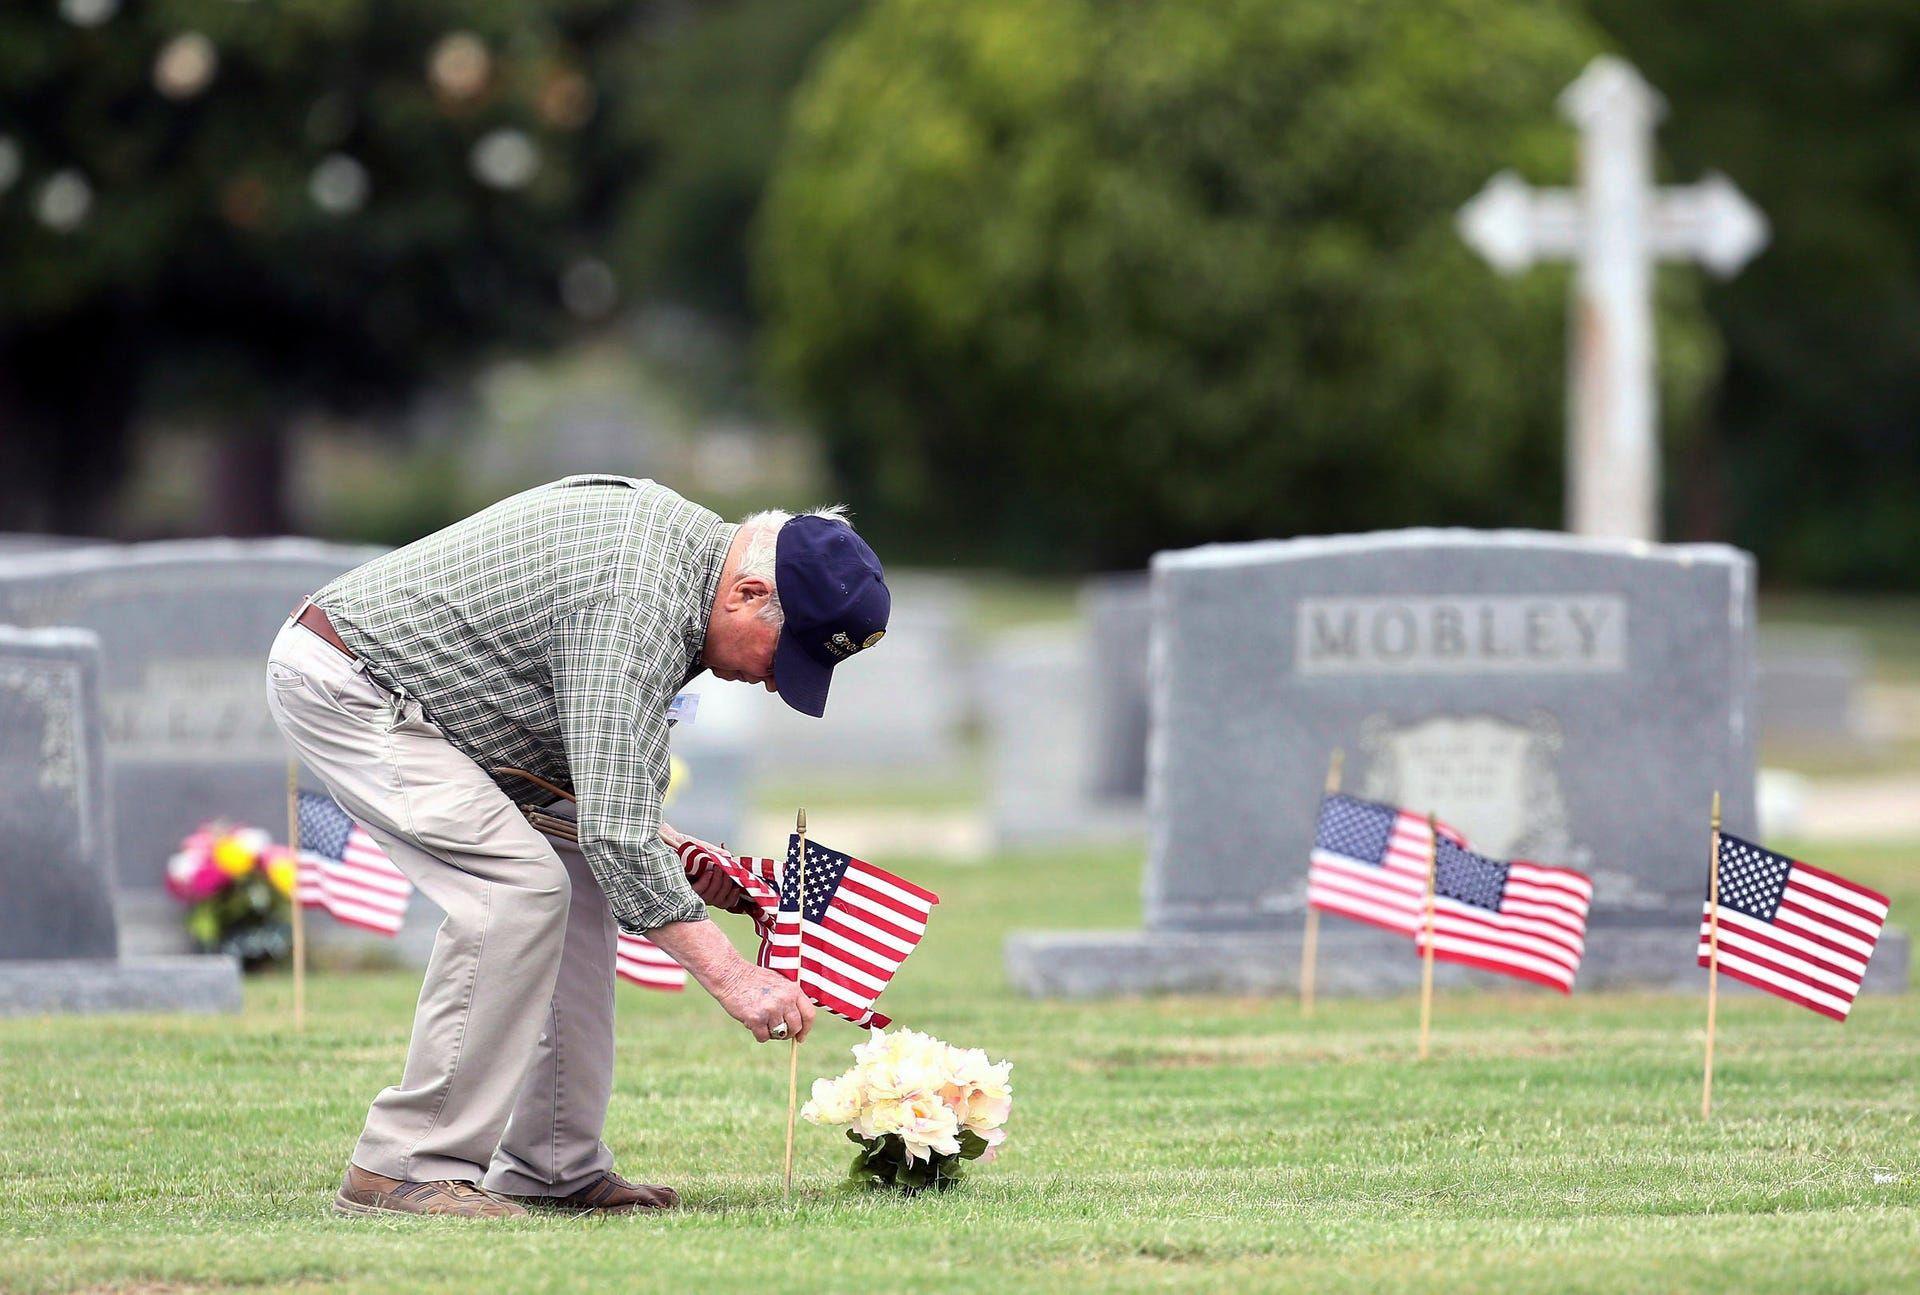 دونالد ترامپ و همسرش در قبرستان ملی آمریکا